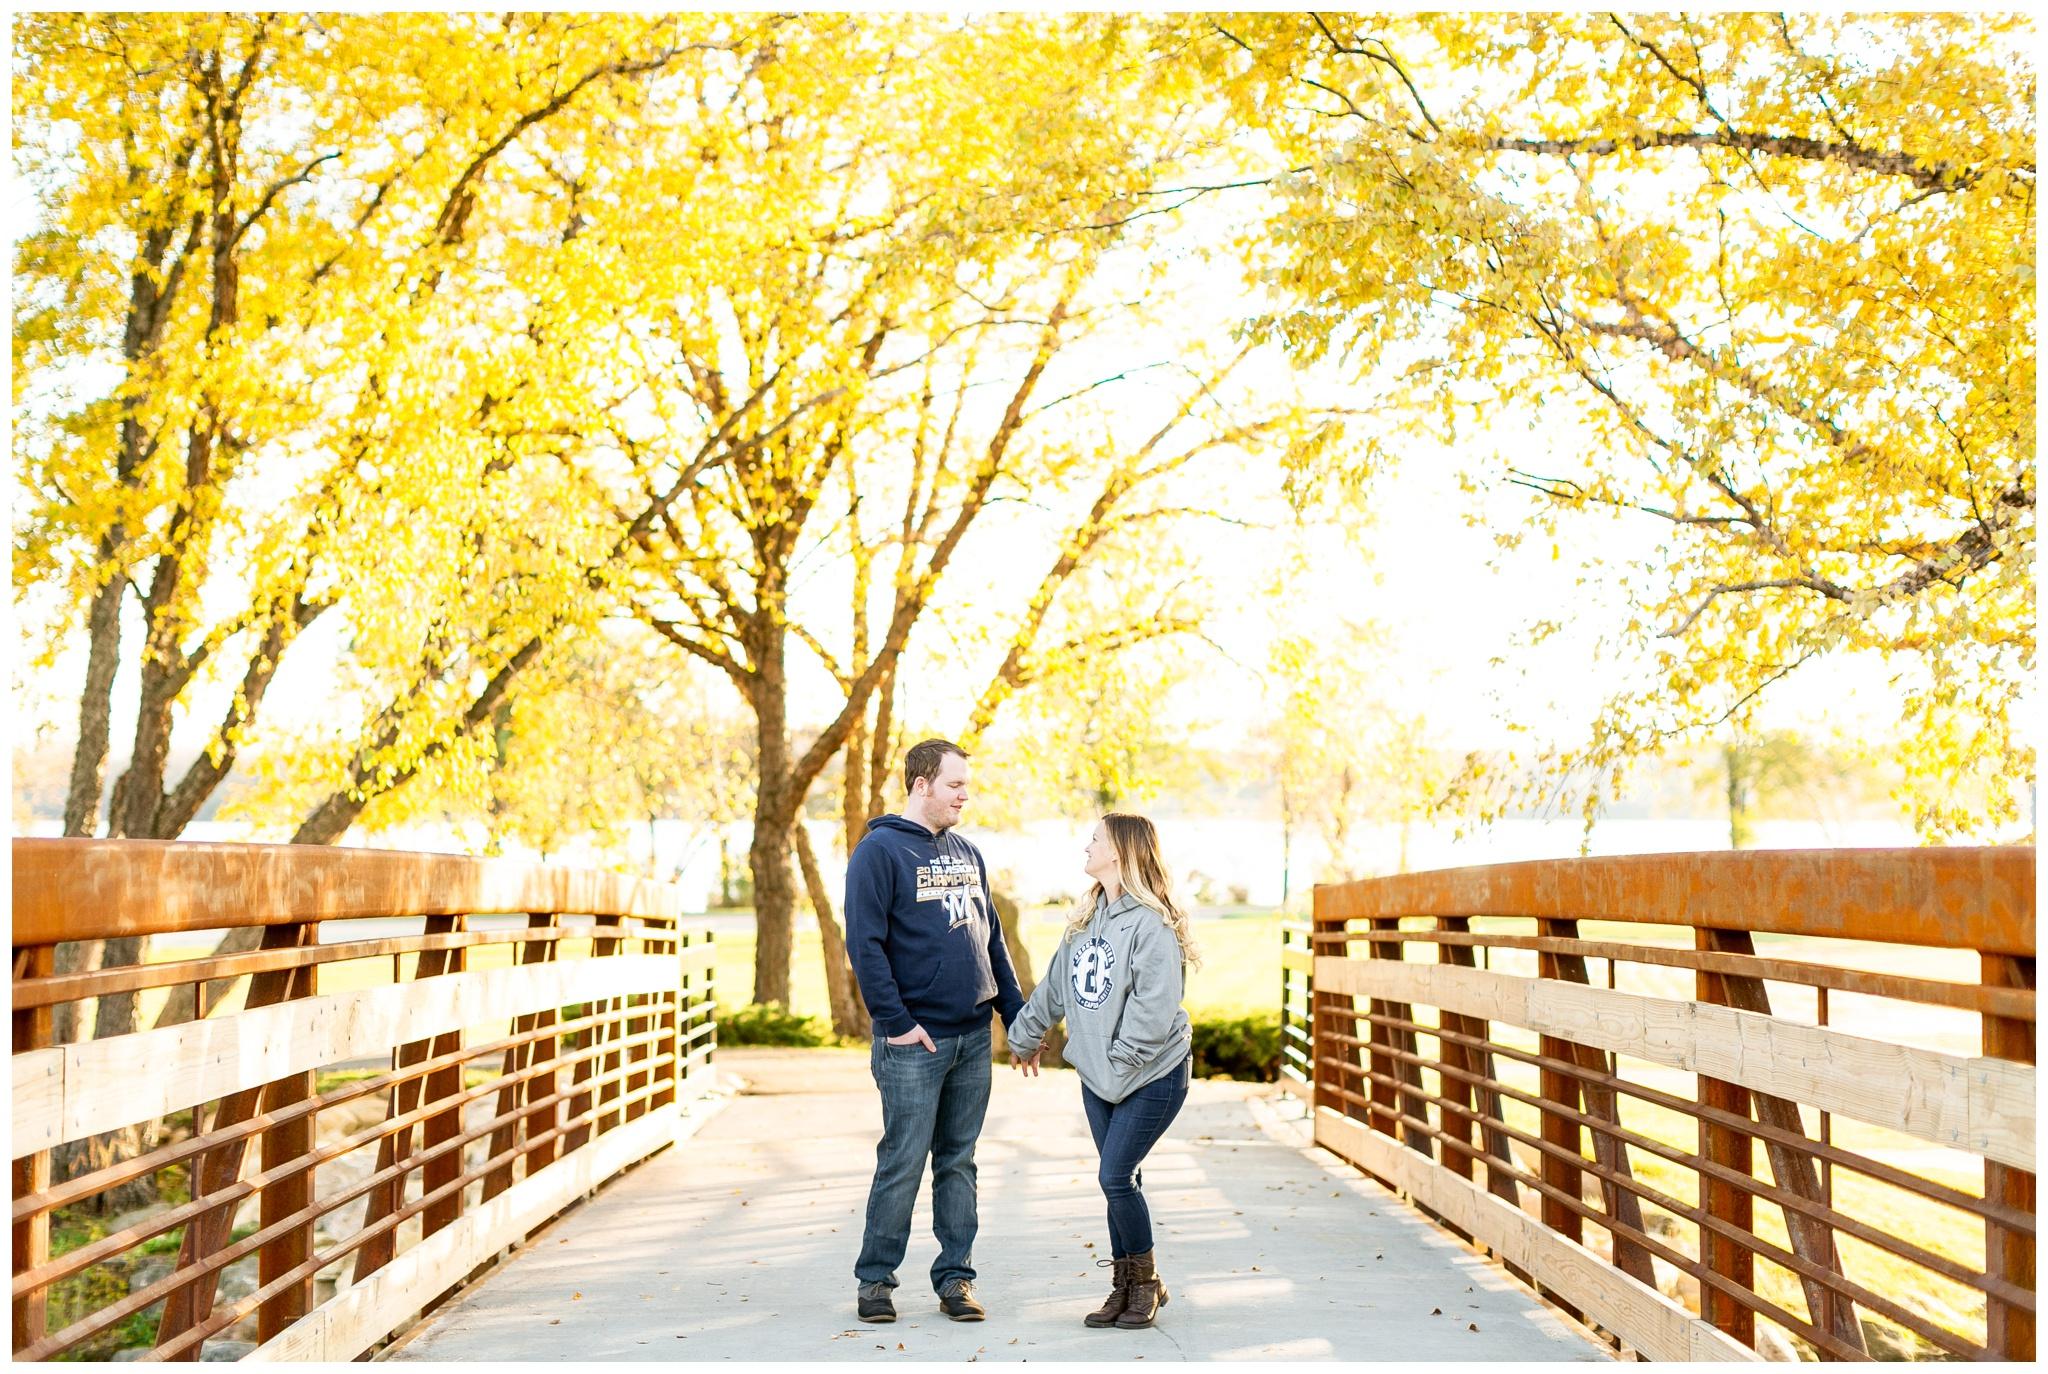 Autumn Colors In Vilas Park Lagoon >> Kelli Blaise Autumn Engagement Session At Vilas Park In Madison